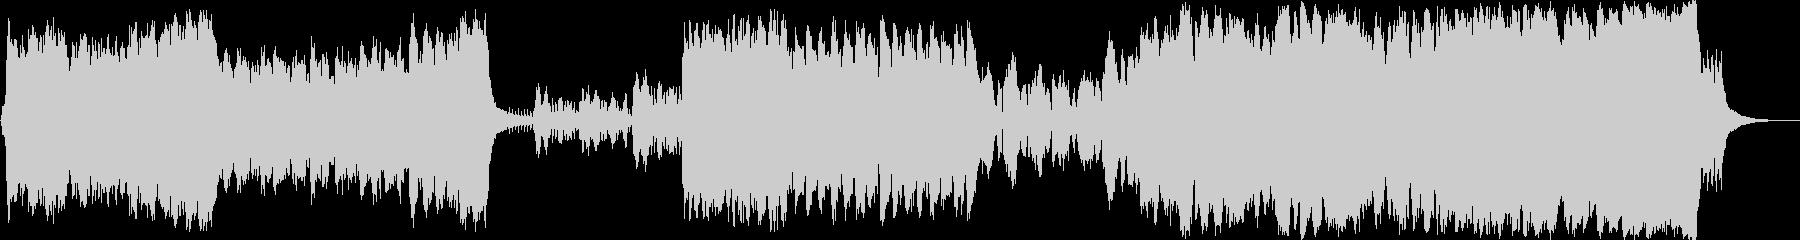 QUEEN'S RESTAURANTの未再生の波形